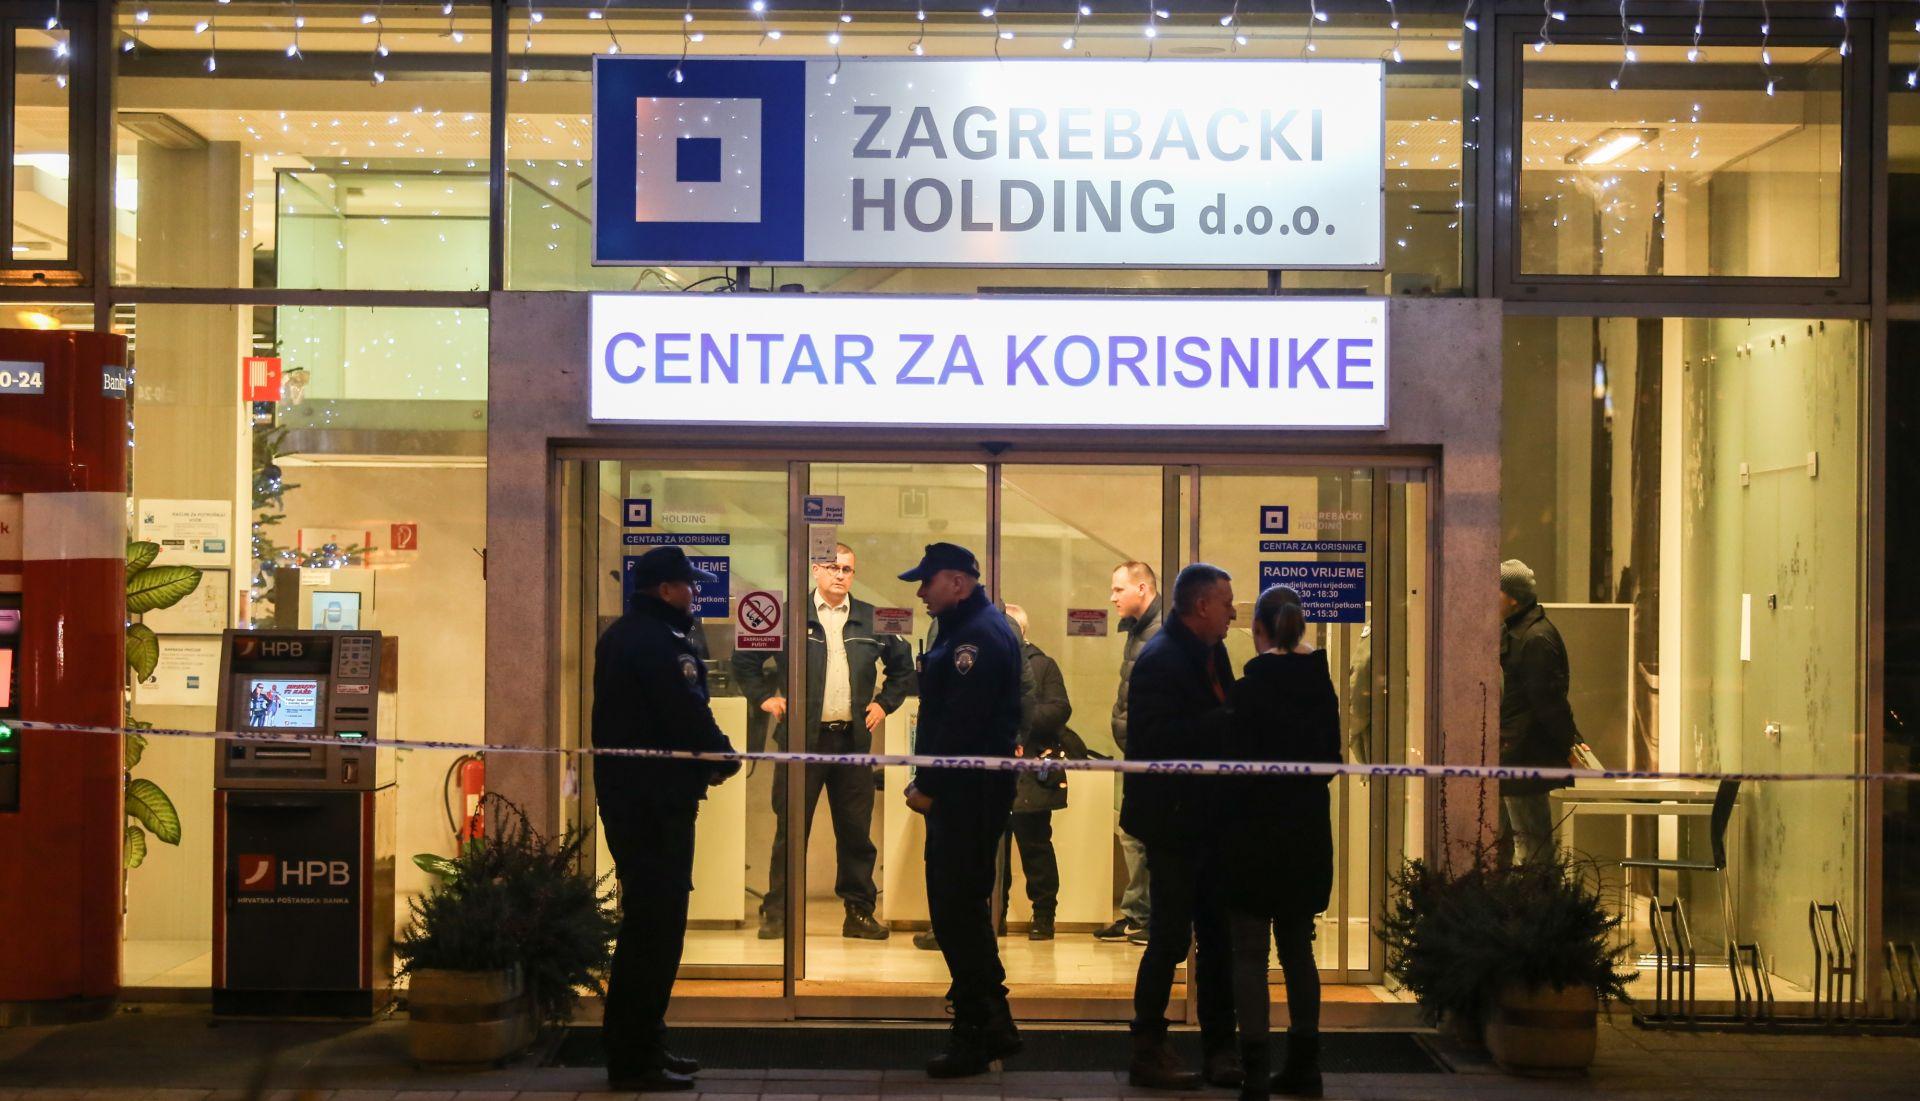 Razbojnici u pljački Zagrebačkog holdinga ukrali oko 800 tisuća kuna i ozlijedili zaštitara